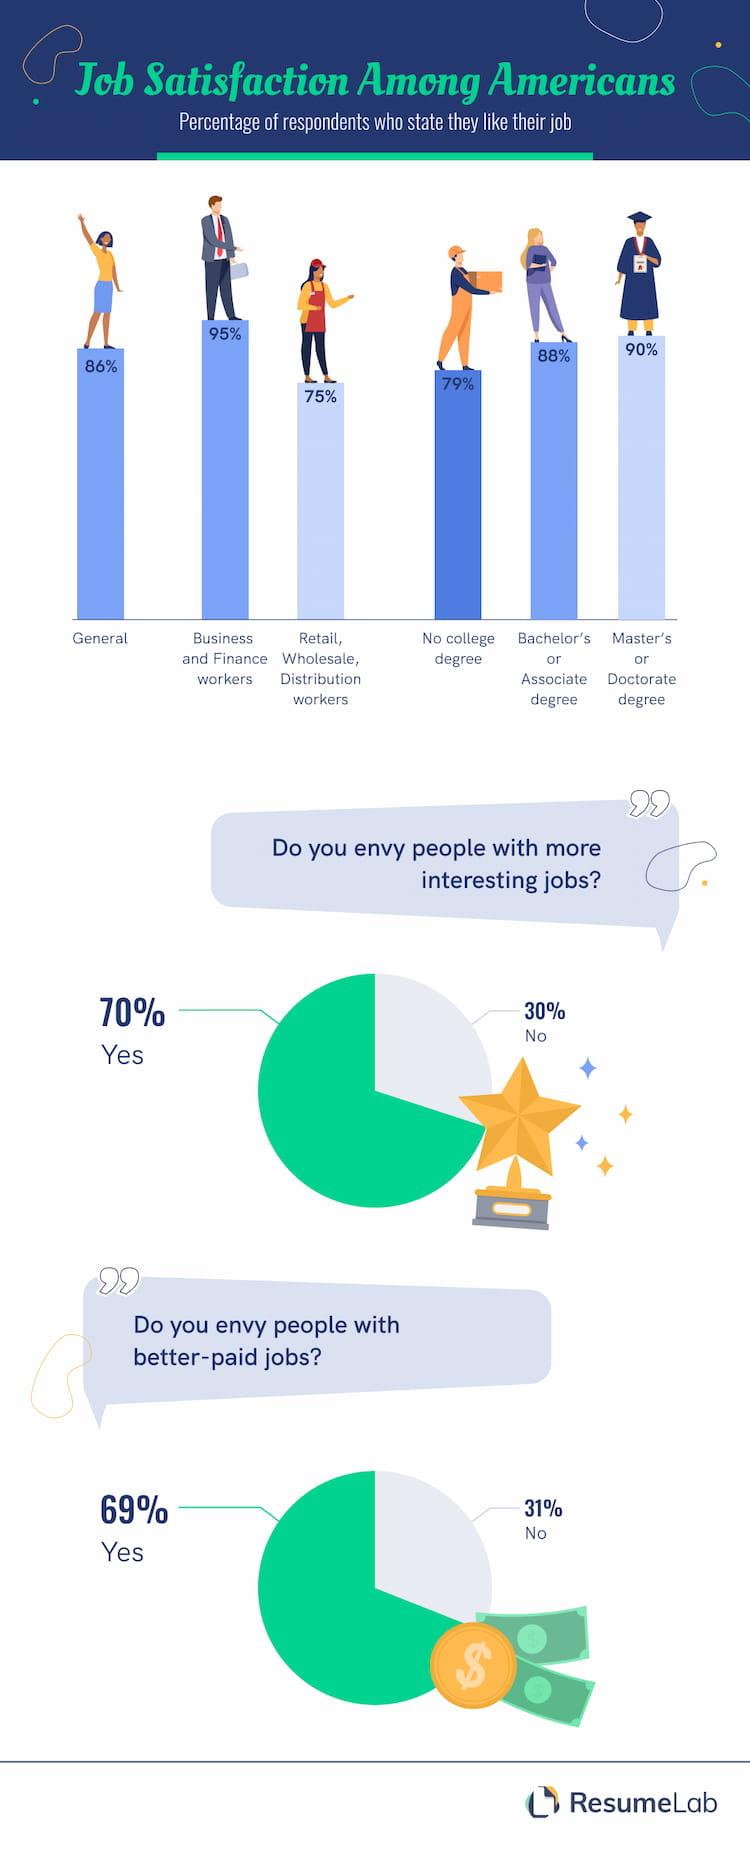 Job Satisfaction among Americans